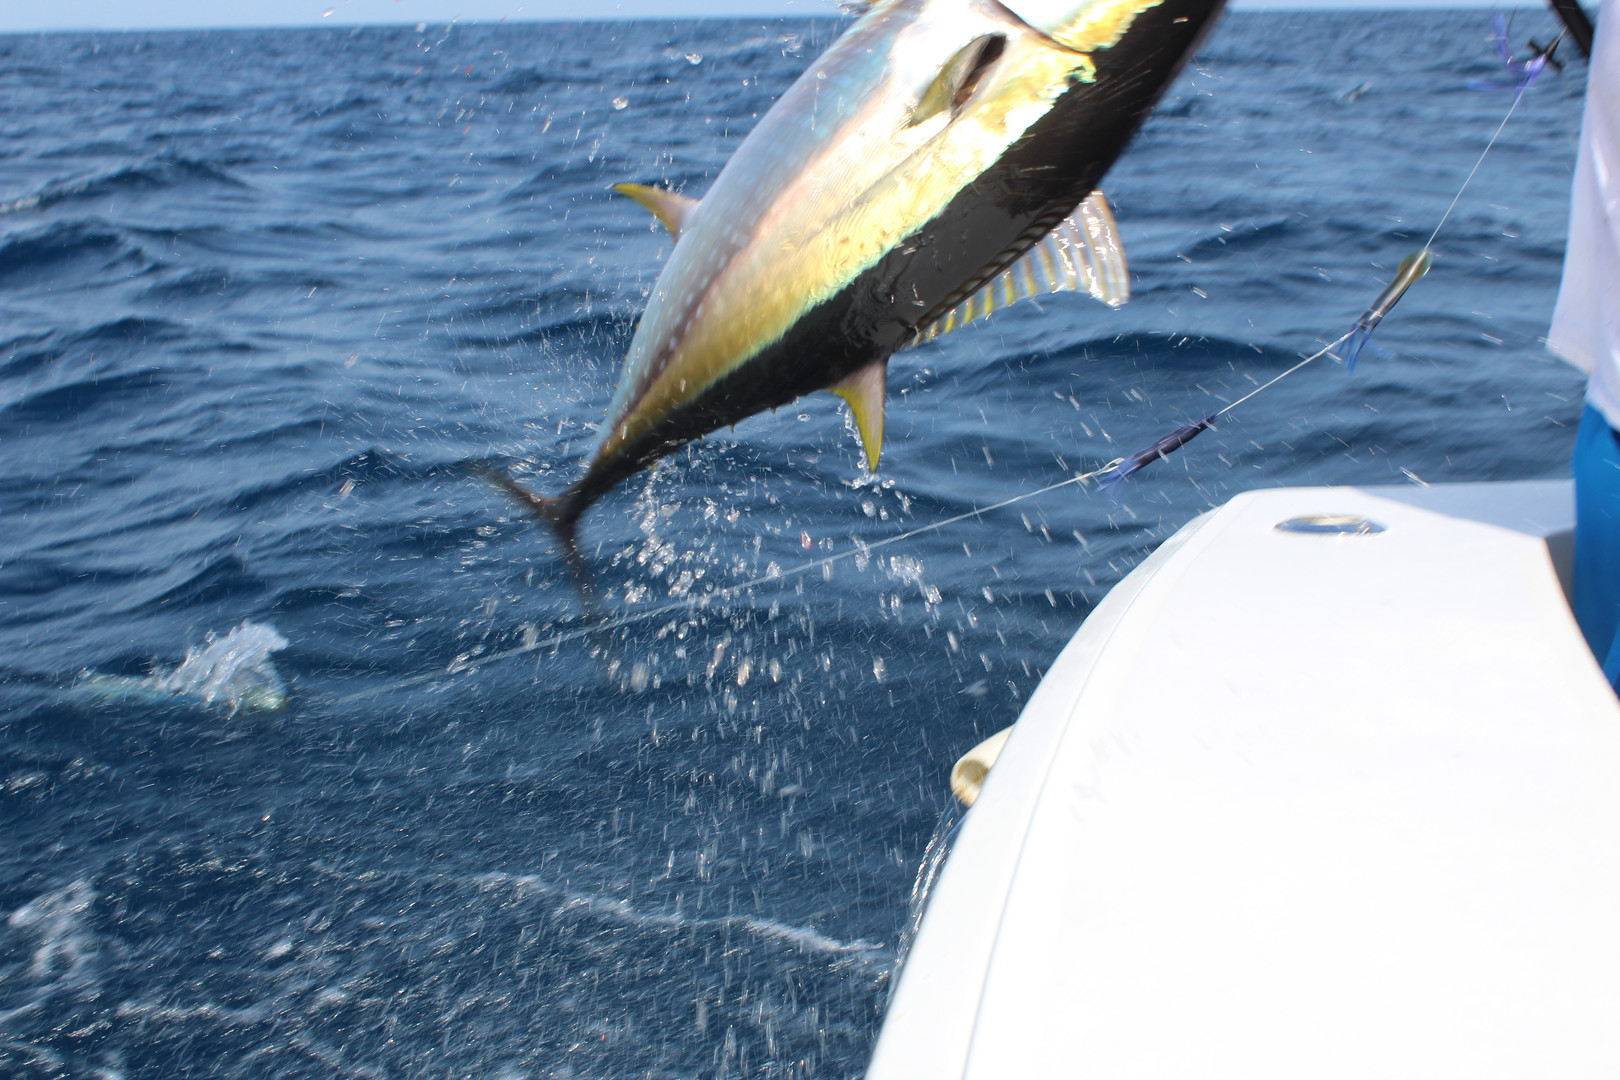 Amber Jack Panama fishing charter